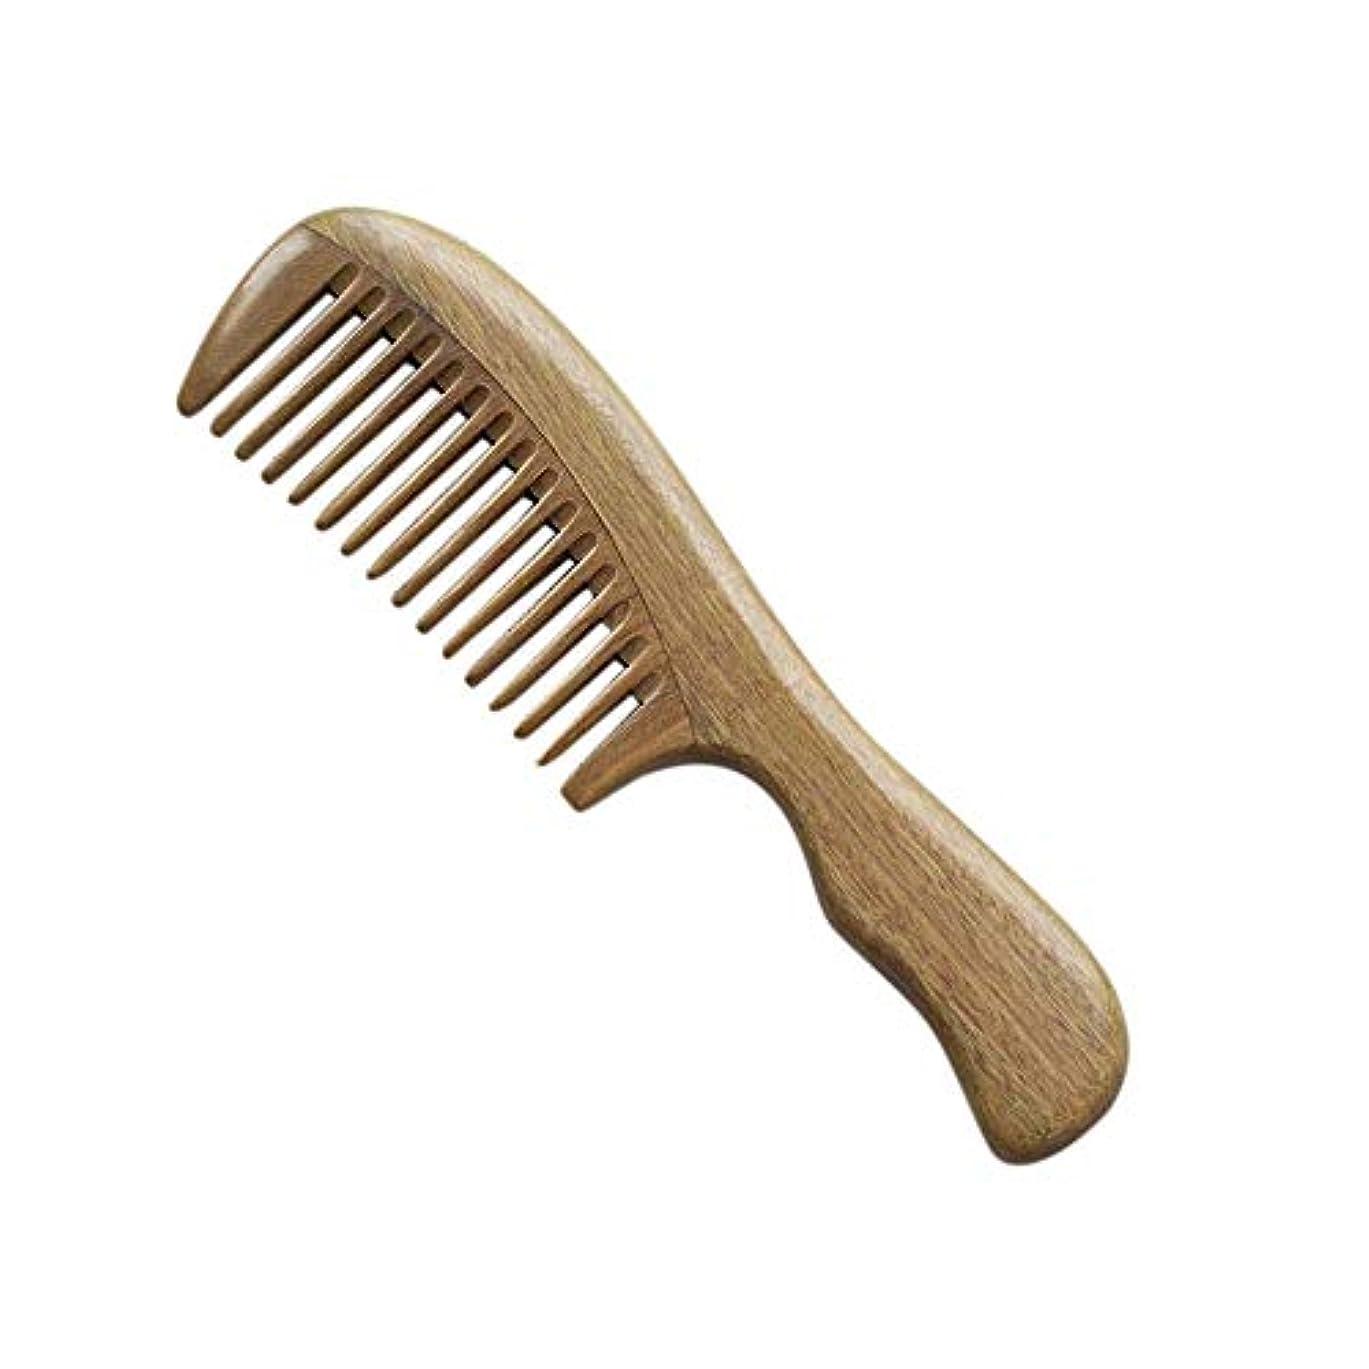 サンダル悲鳴恥ずかしさWASAIO 木製Detangleコームズ人の女性のヘアブラシくしセットパドルグリーンサンダルウッドワイド歯なしスタティック手作り